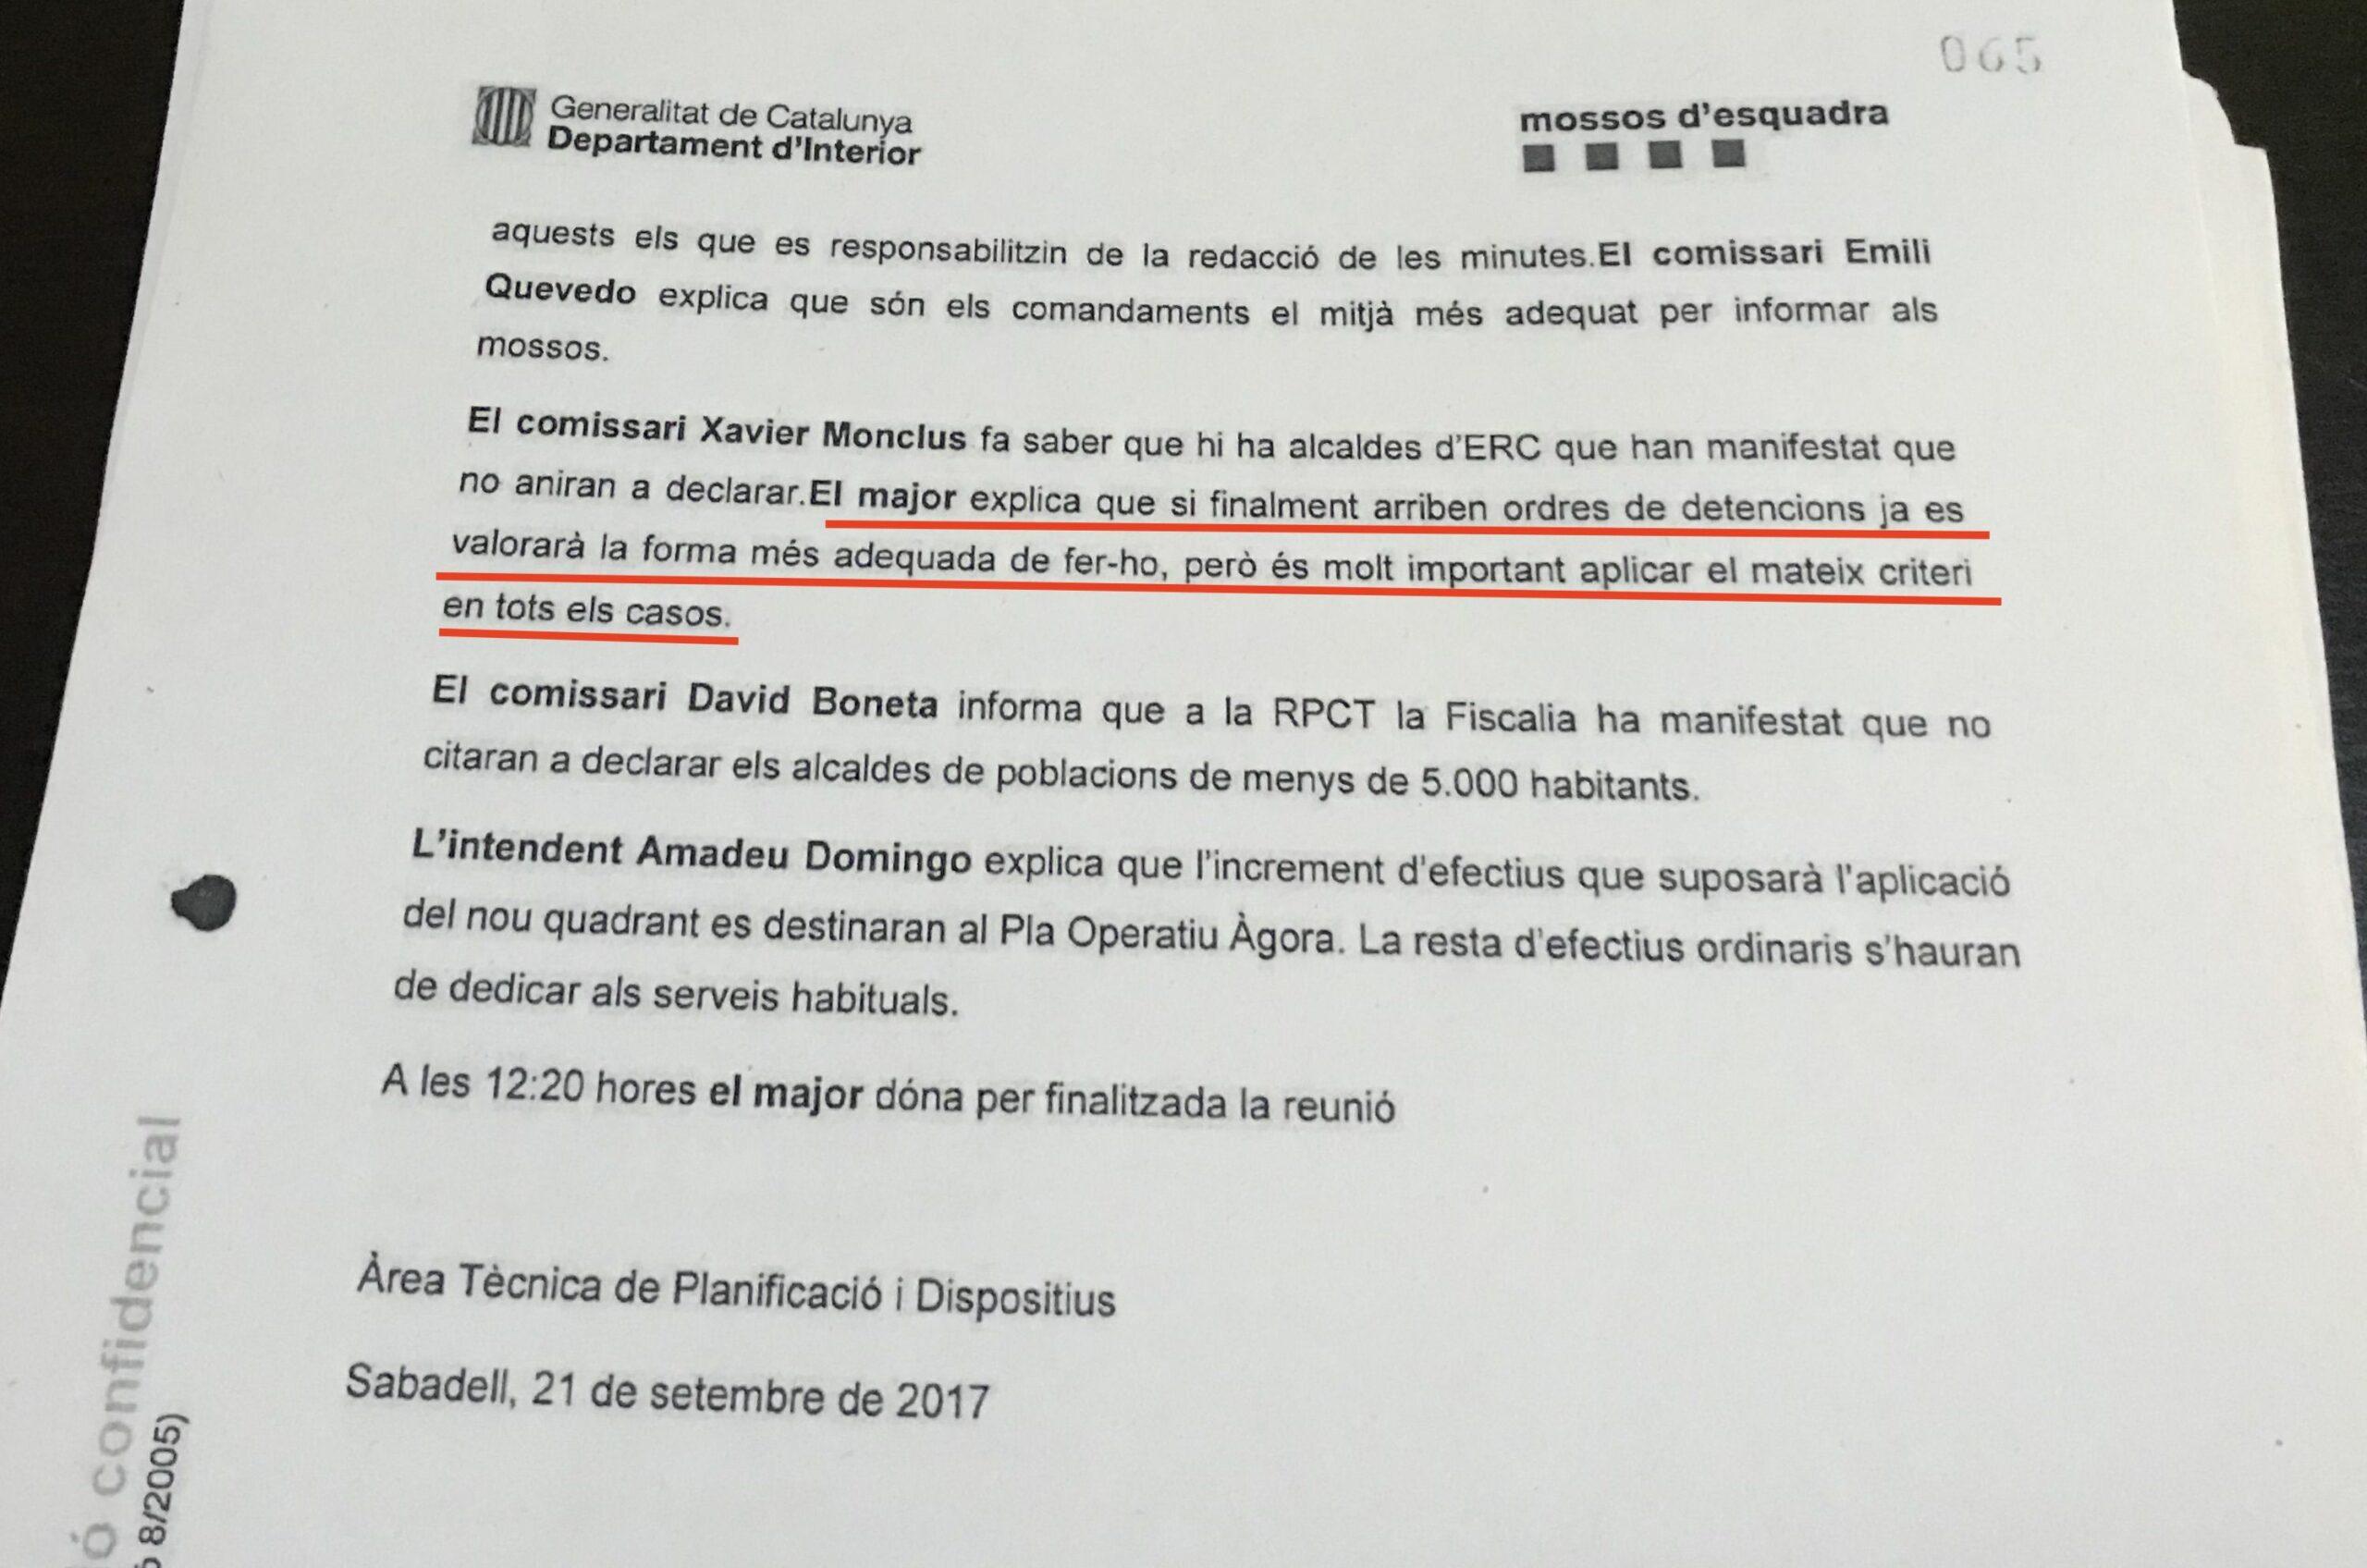 L'acta on queda pal·lès que tenien previst detenir alcaldes